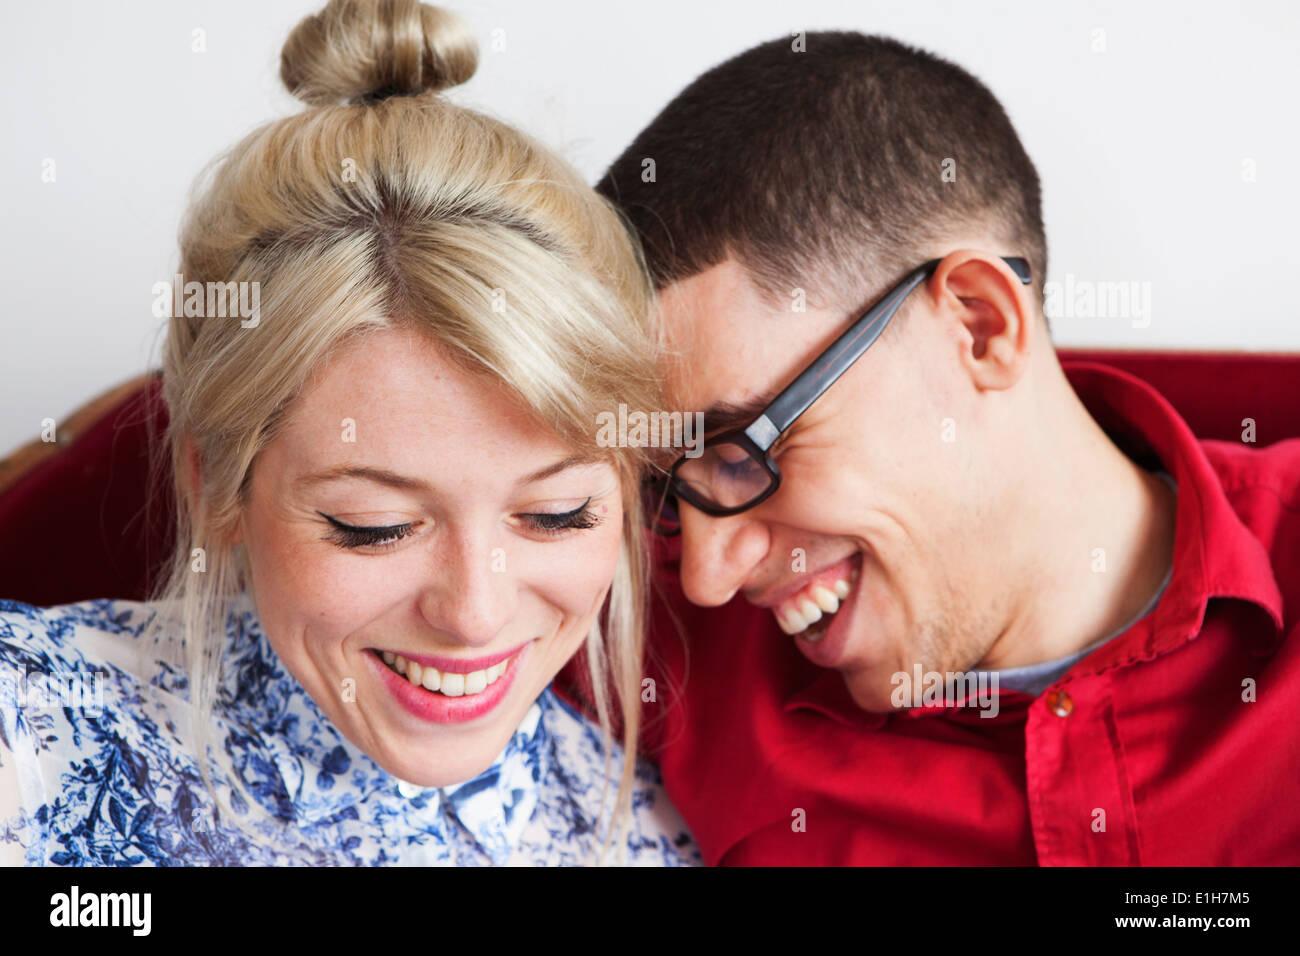 Coppia giovane, faccia a faccia sorridente Immagini Stock